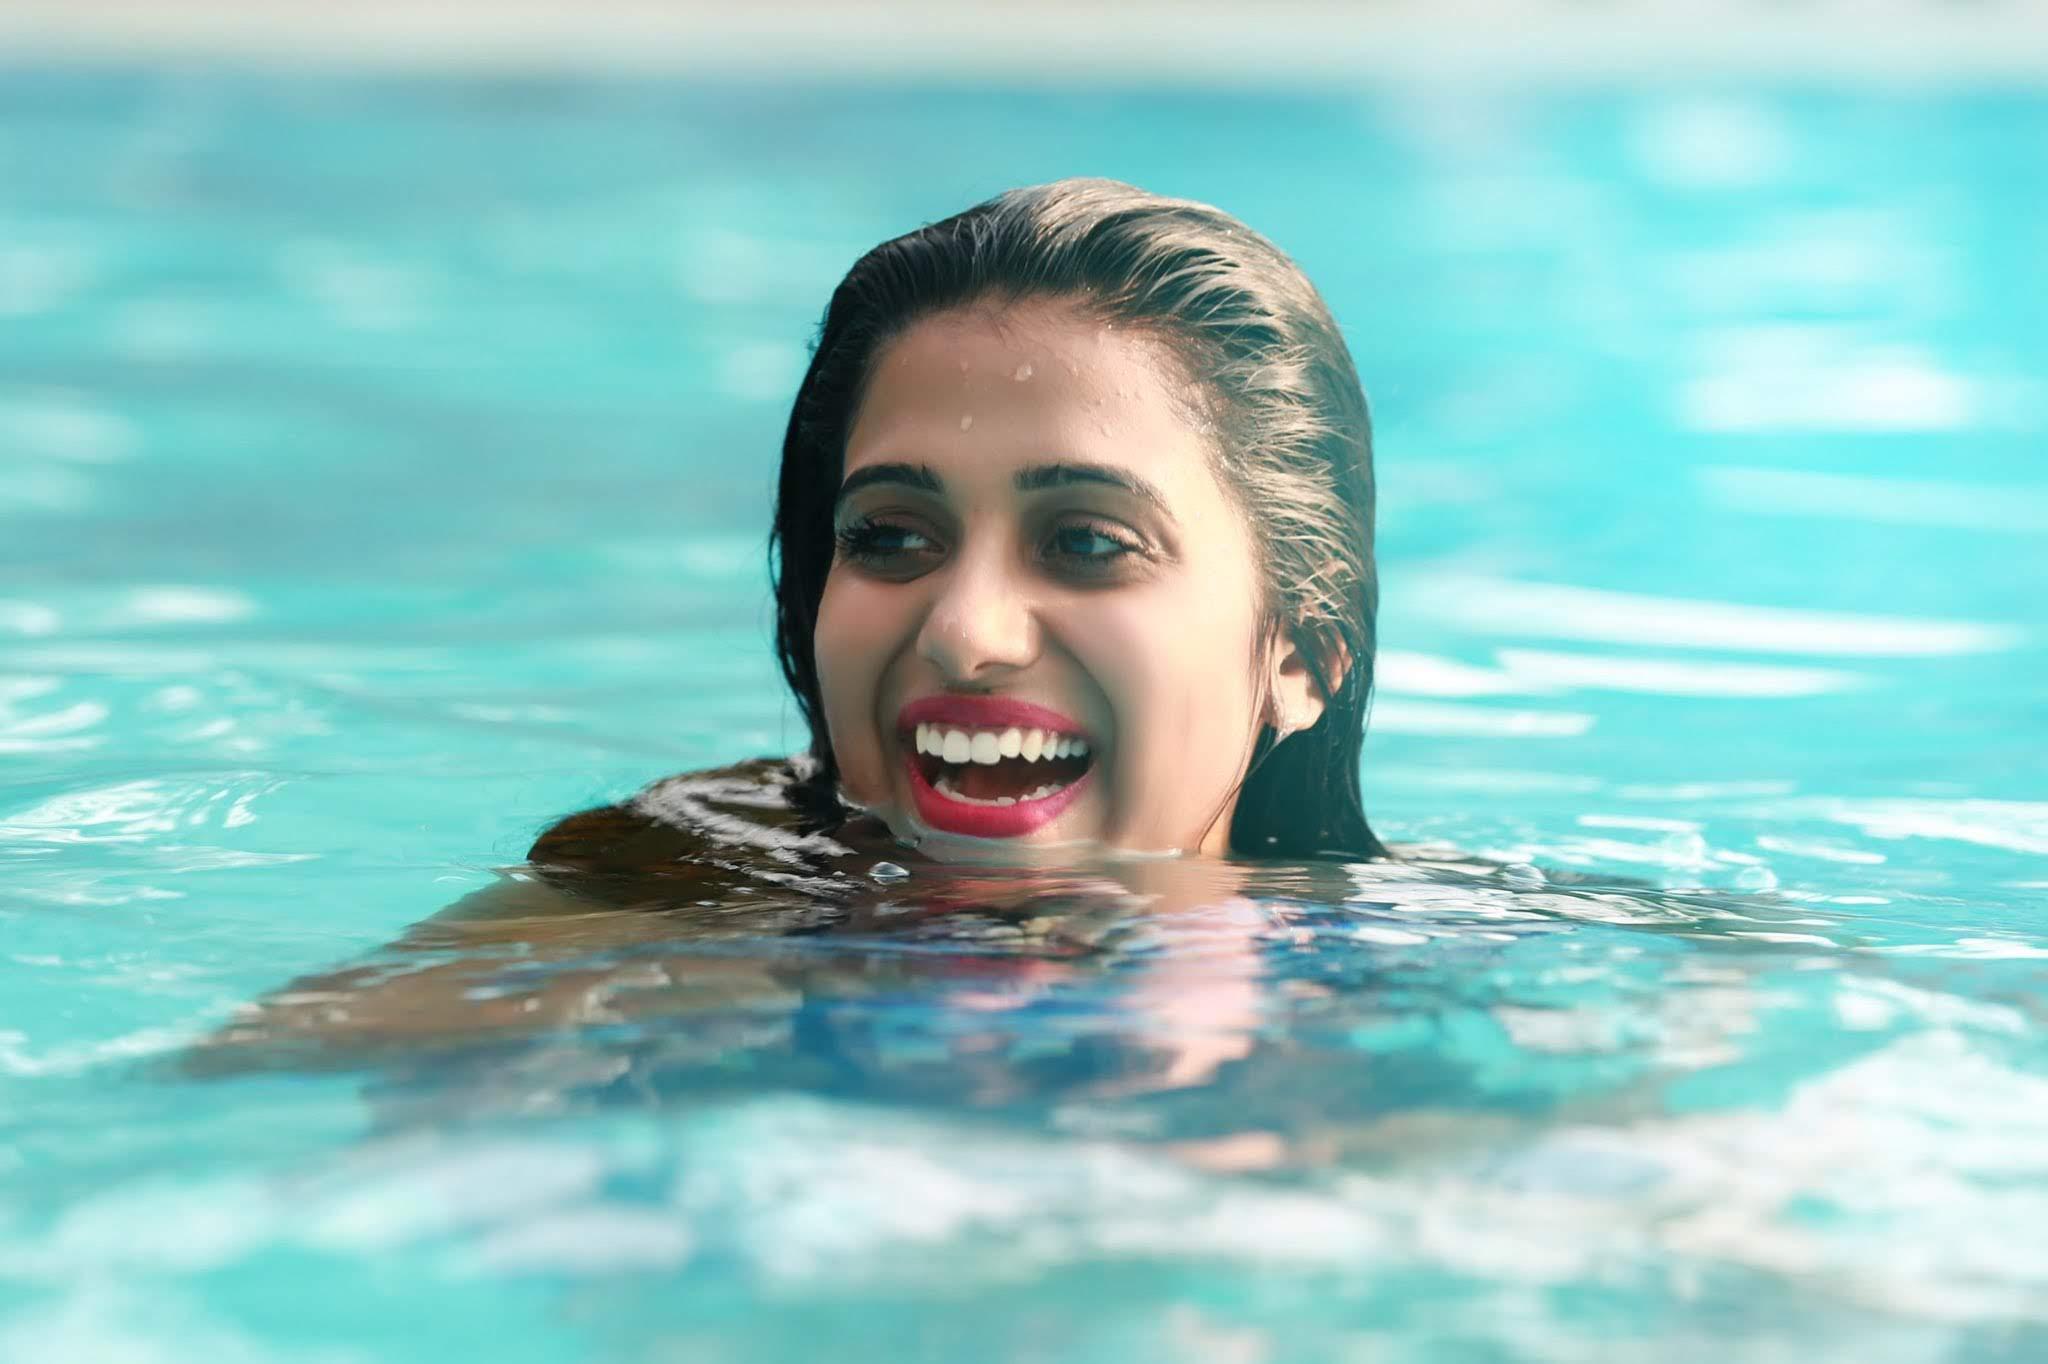 Shilpa-Manjunath-image-22